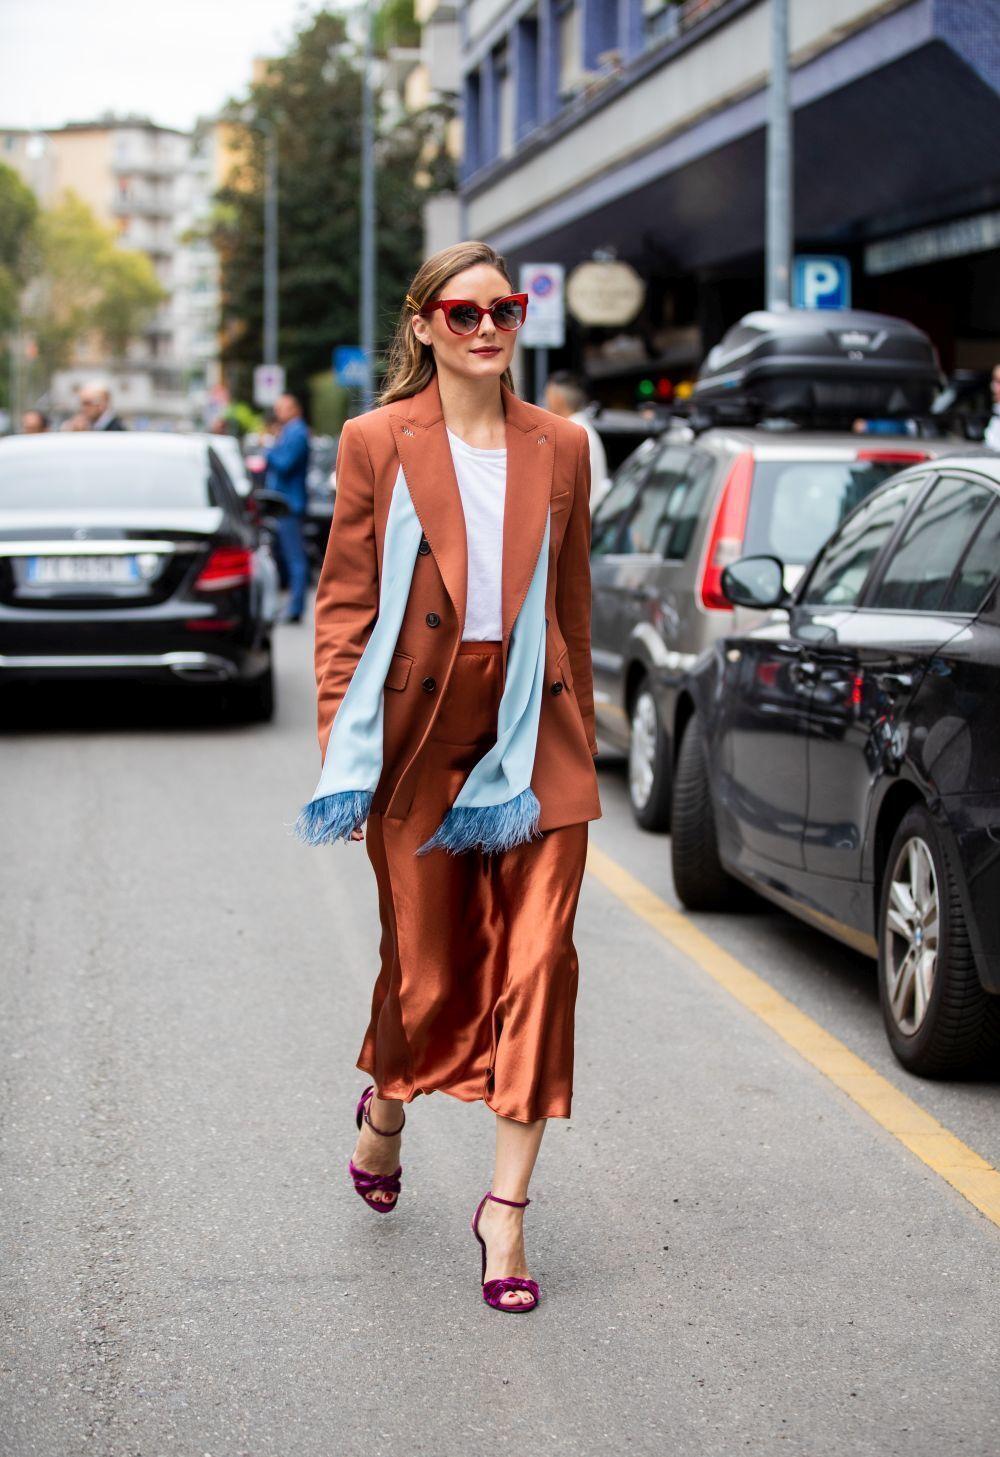 Si hay alguien que sabe adaptar las tendencias a su estilo esa es Olivia Palermo.